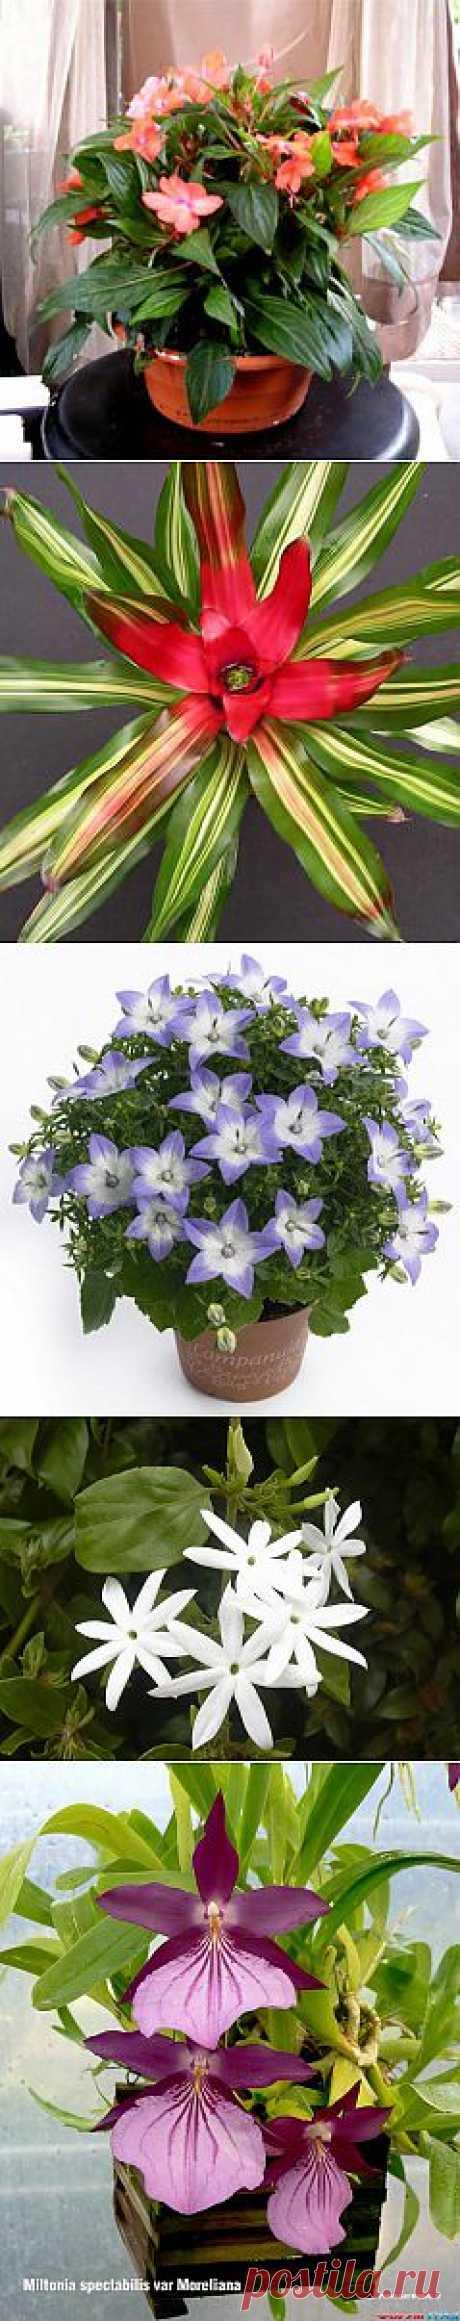 домашние Цветок Вид - Домашние растения. Цветы.